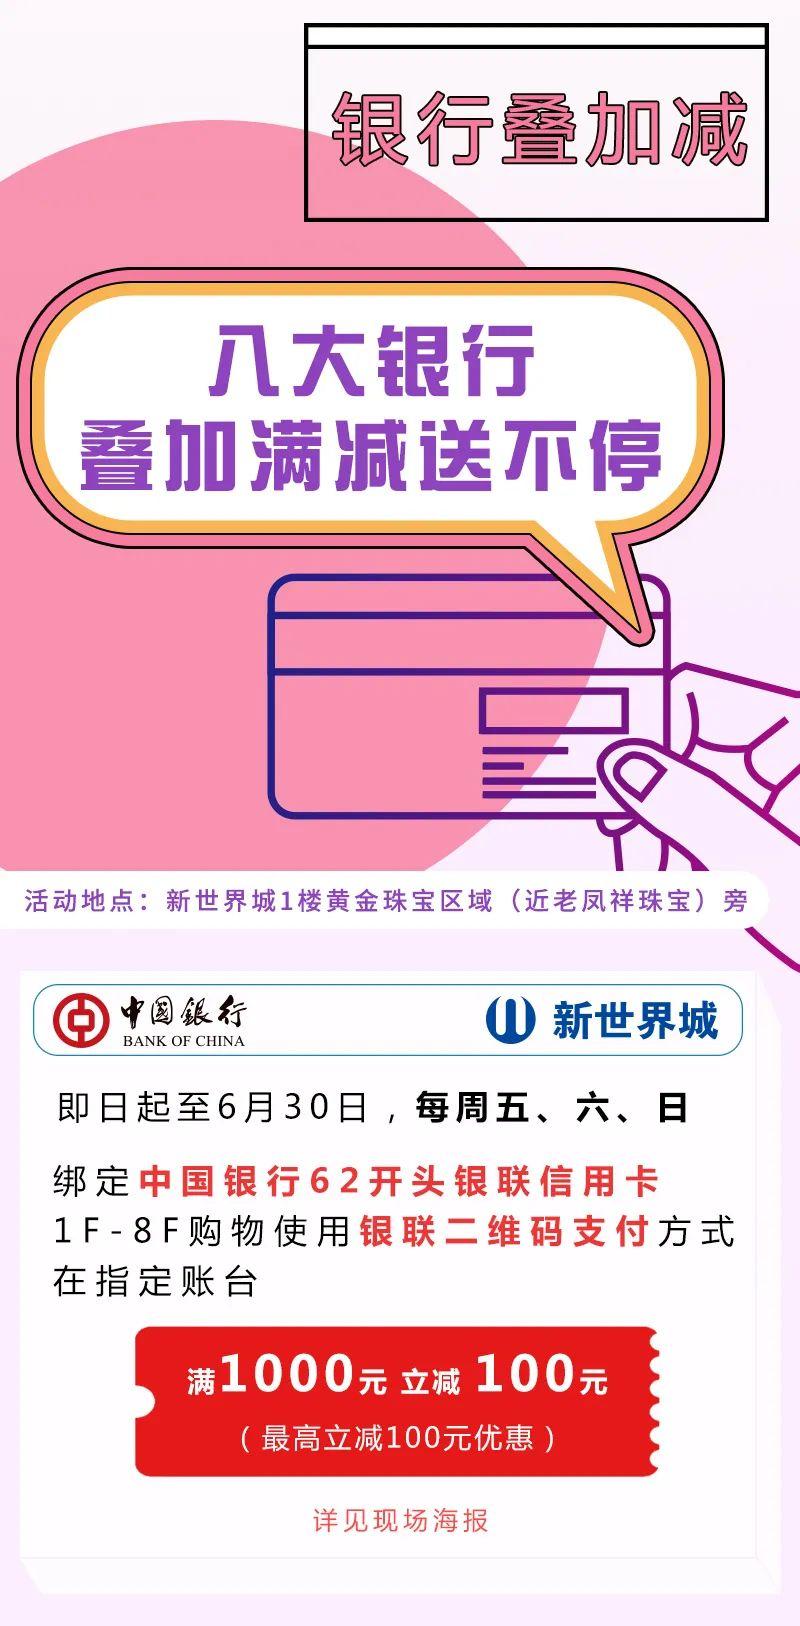 上海新世界城2020母親節折扣 800團1000元現金券